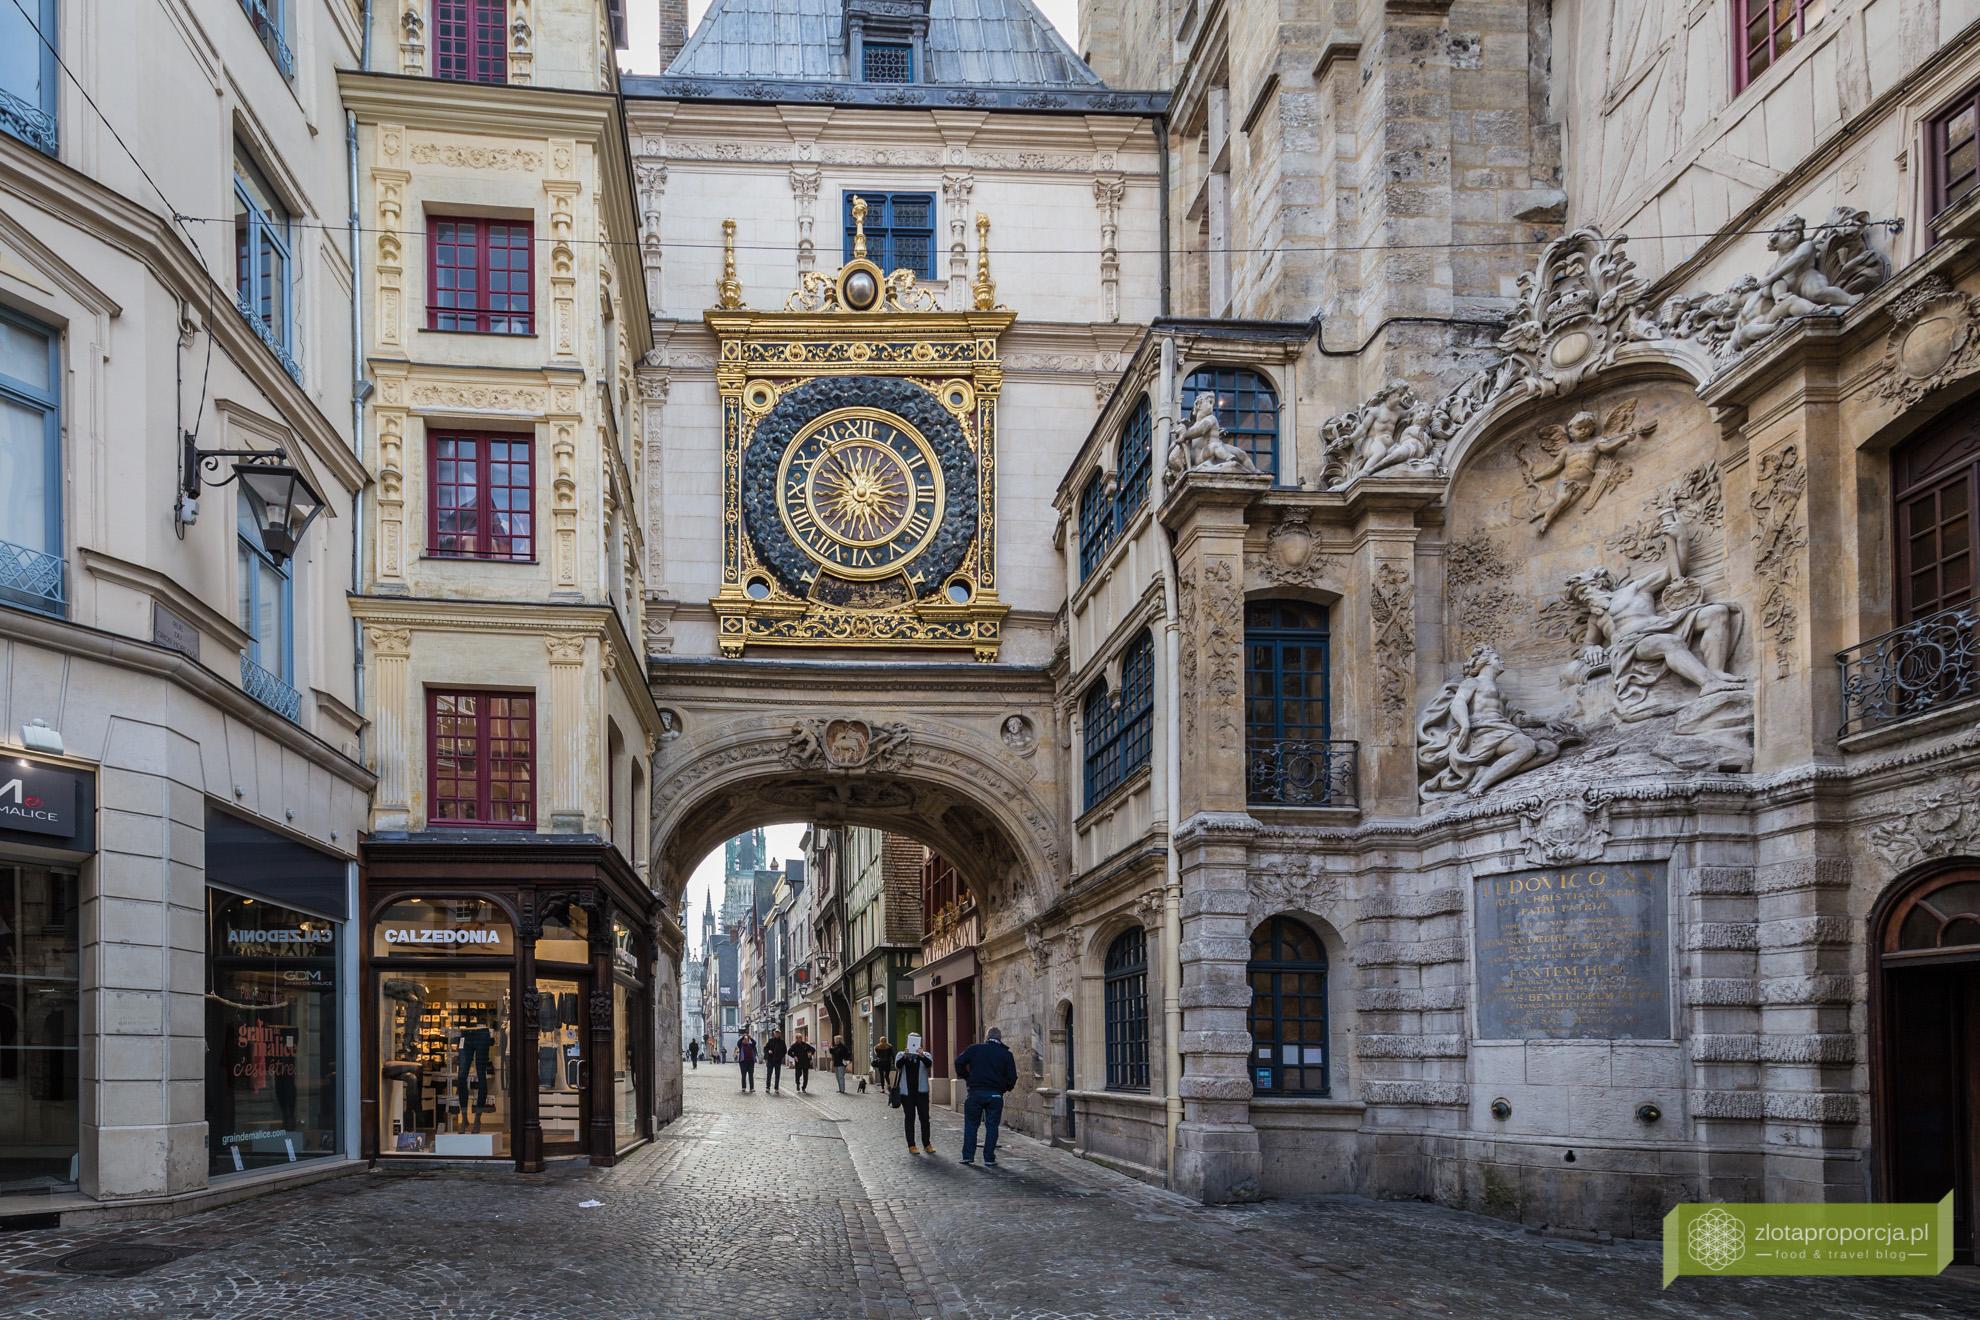 Rouen,vNormandia, atrakcje Rouen, atrakcje Normandii, Francja, Rue de Gros-Horologe, ulica Dużego Zegara